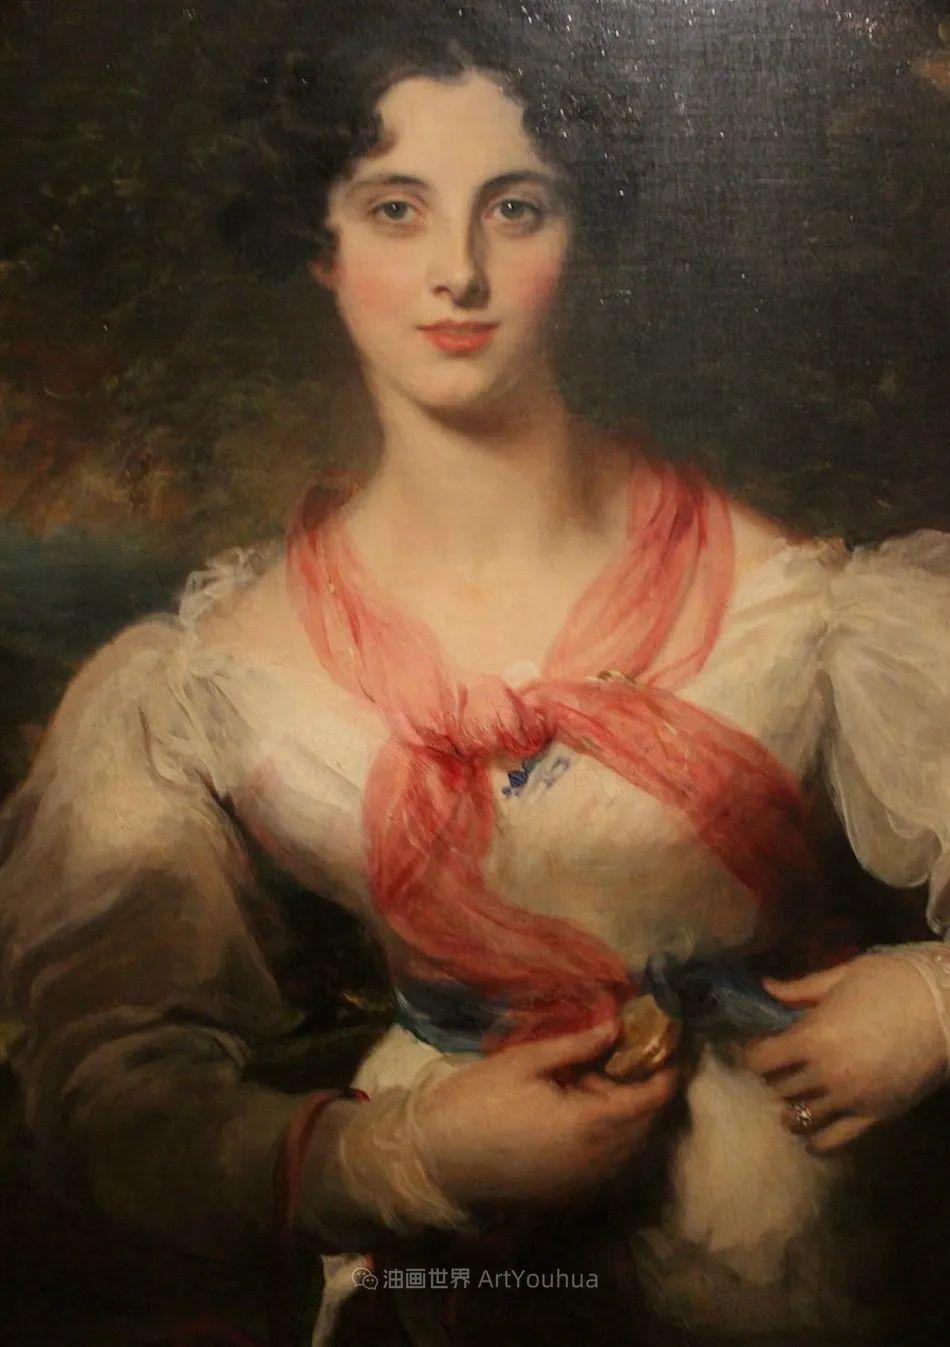 两百年前华丽风格的女性肖像,奔放的笔触、明亮的色彩!插图69